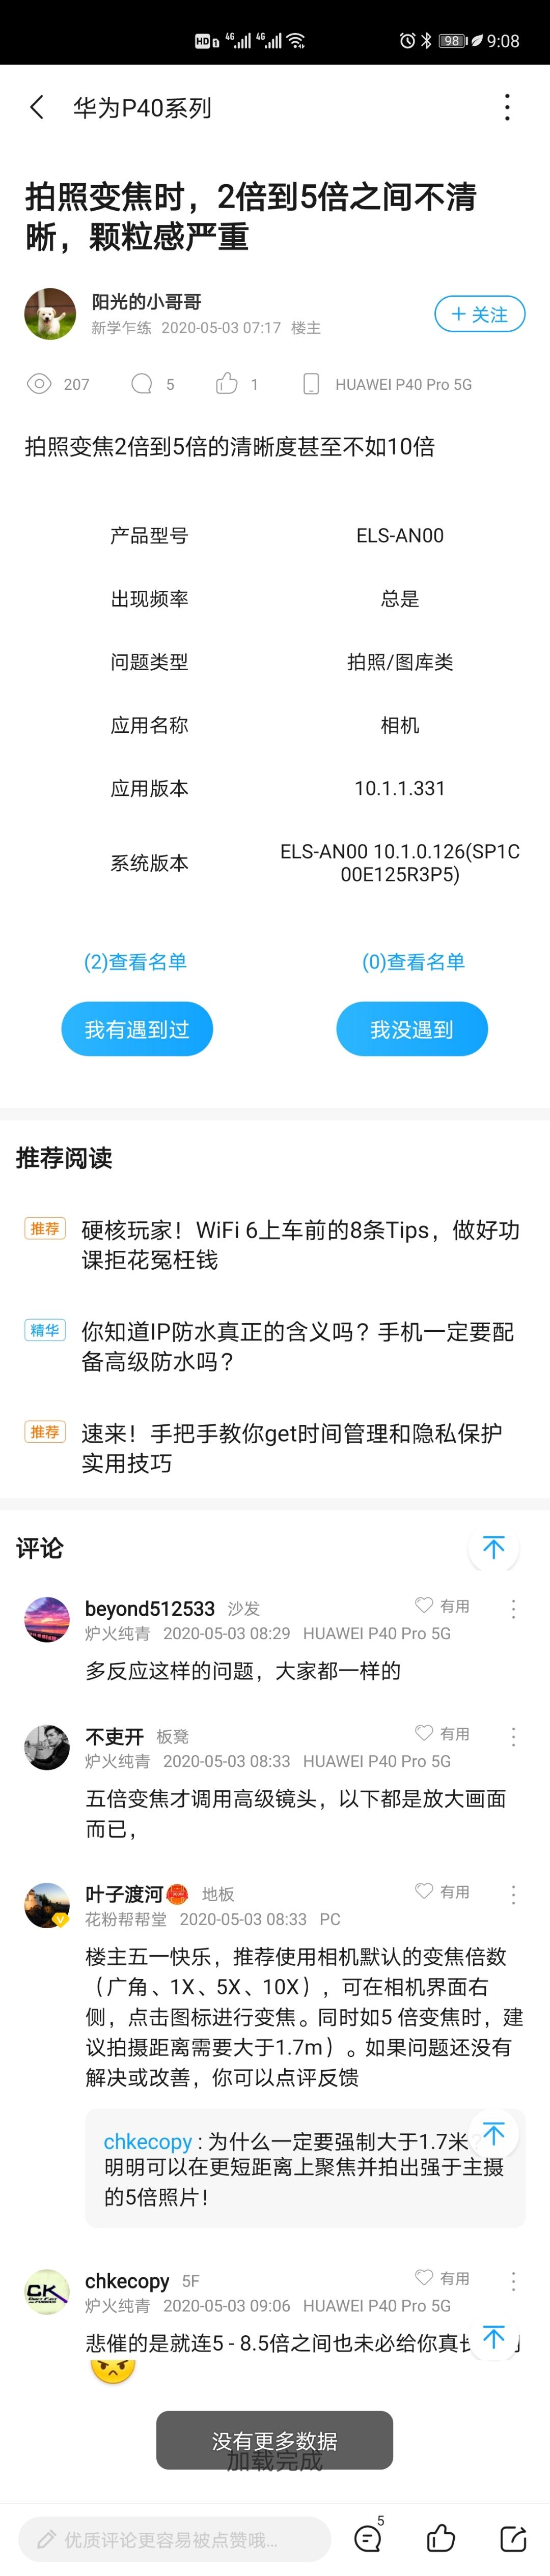 Screenshot_20200503_090823_com.huawei.fans_152320425358005.jpg